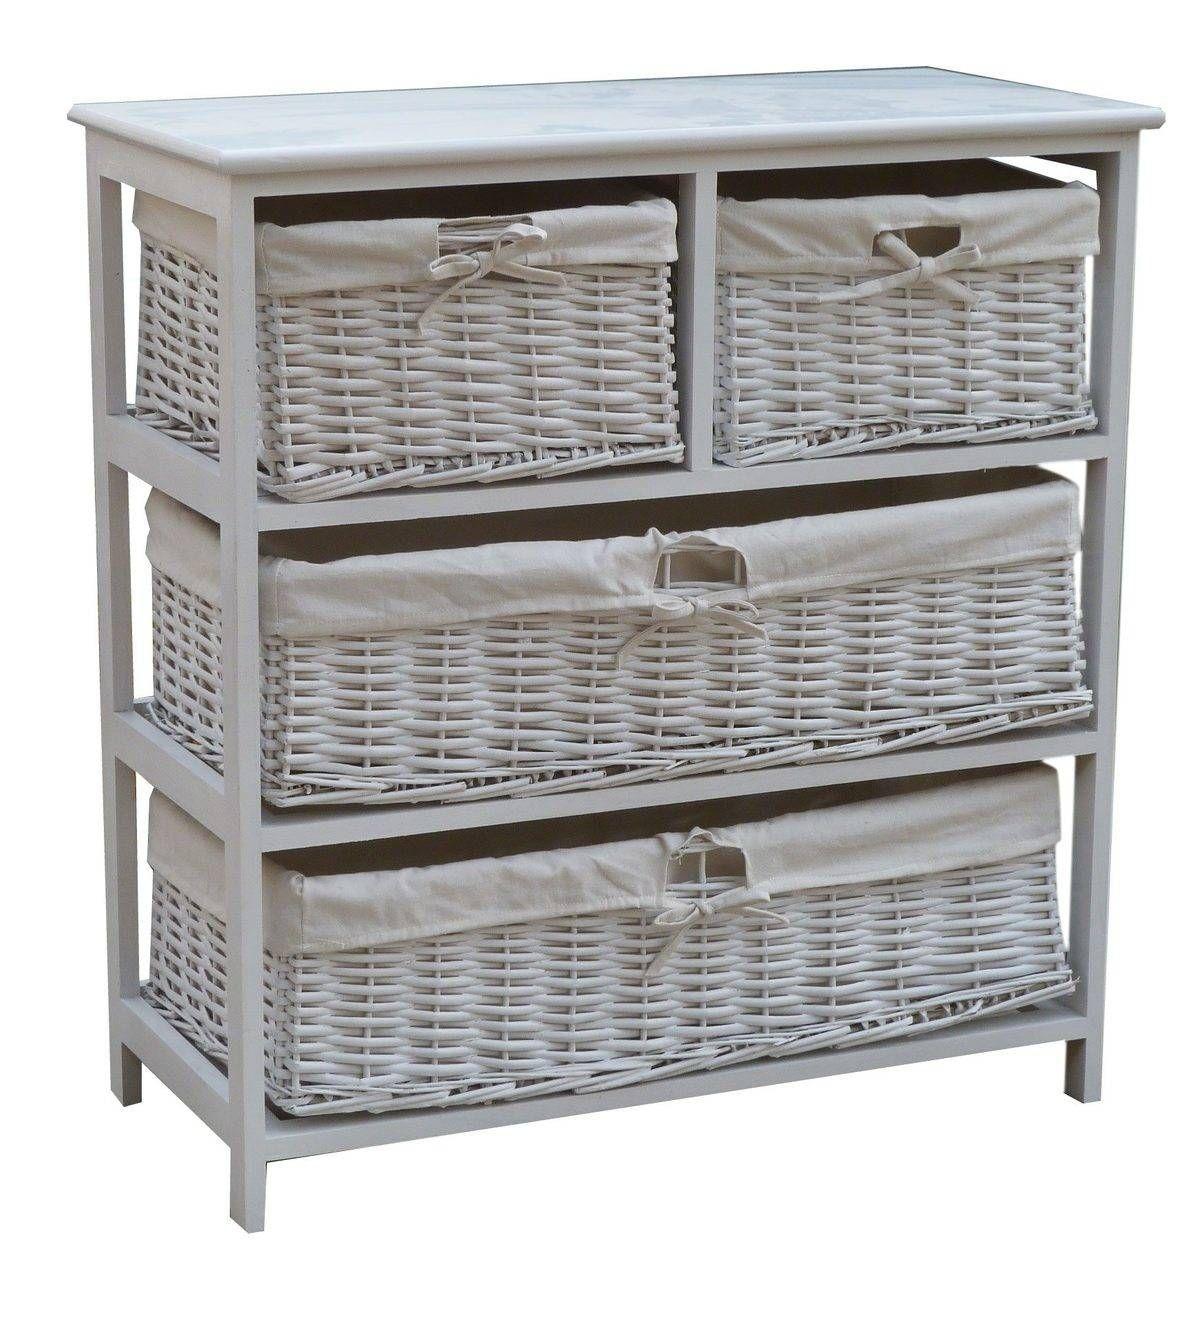 Wooden Storage Cabinet With Wicker Baskets Wooden Storage